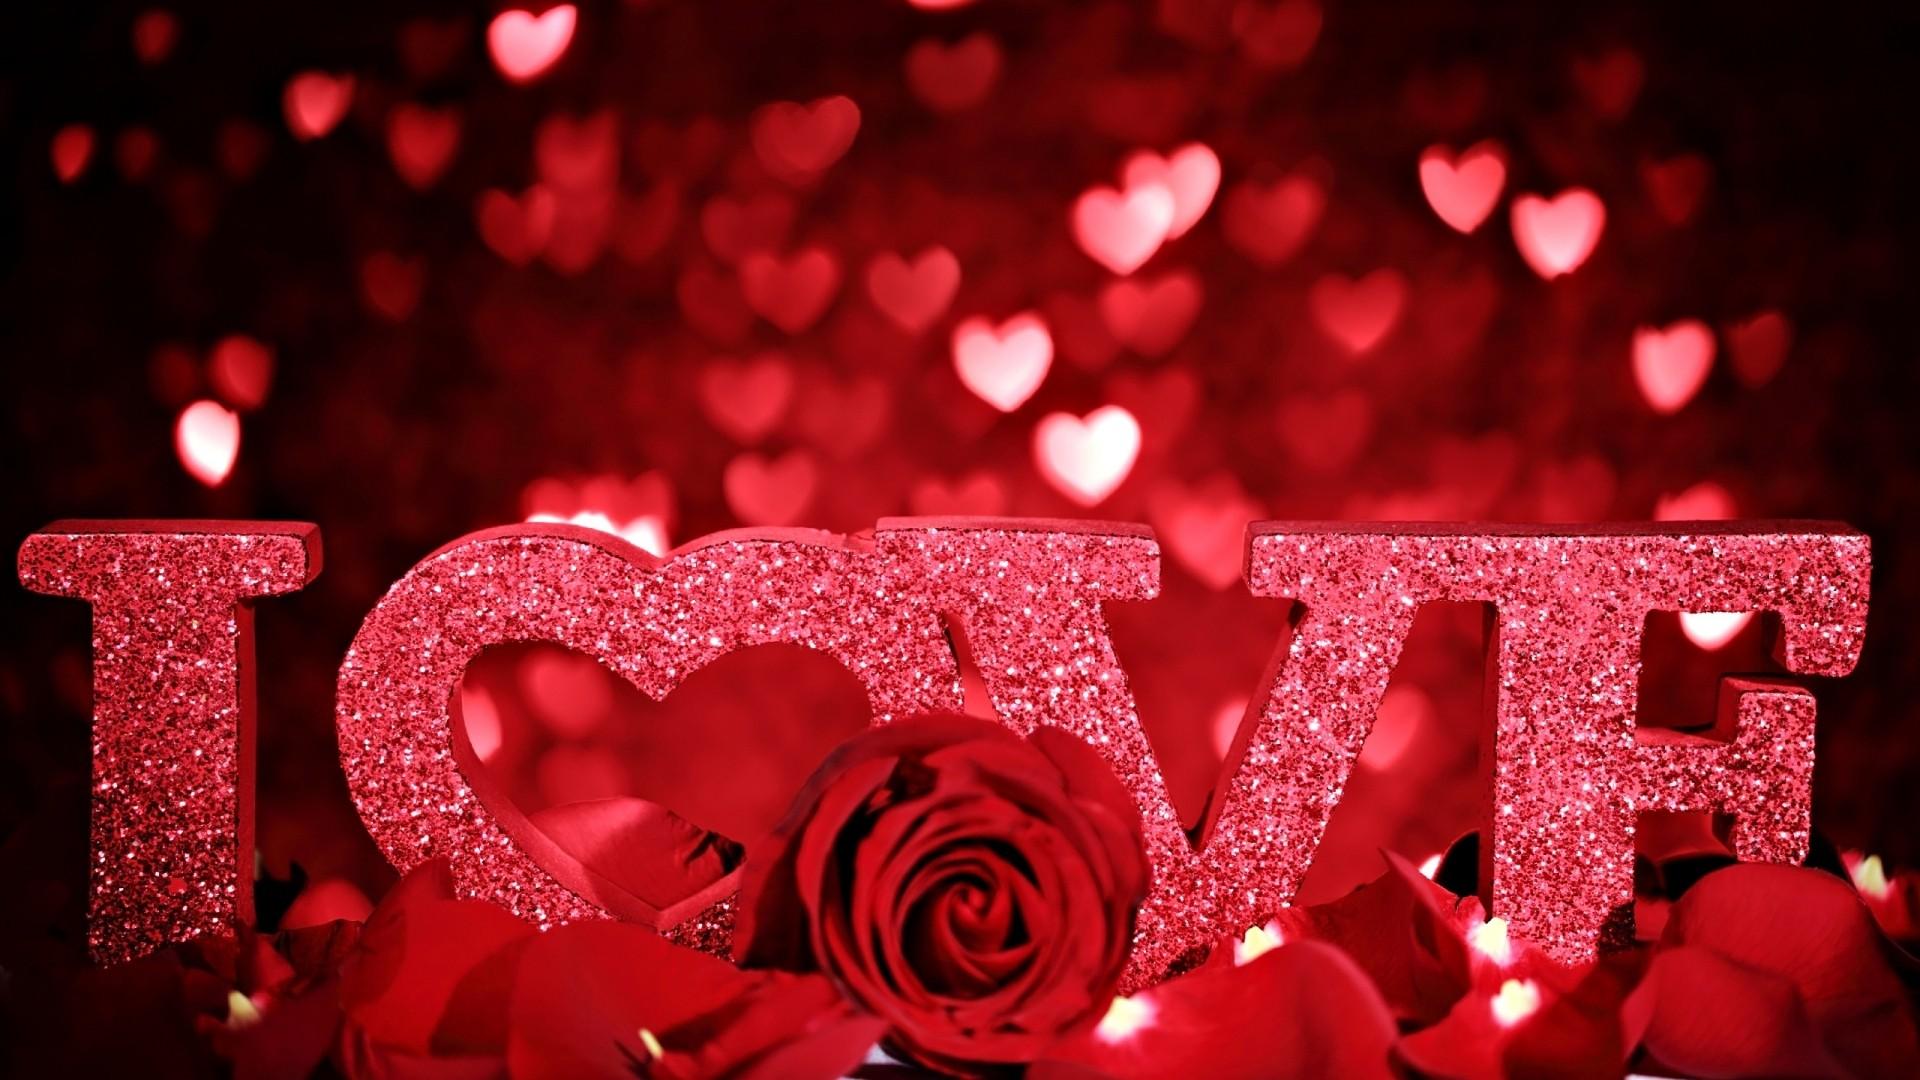 Love Wallpaper theme